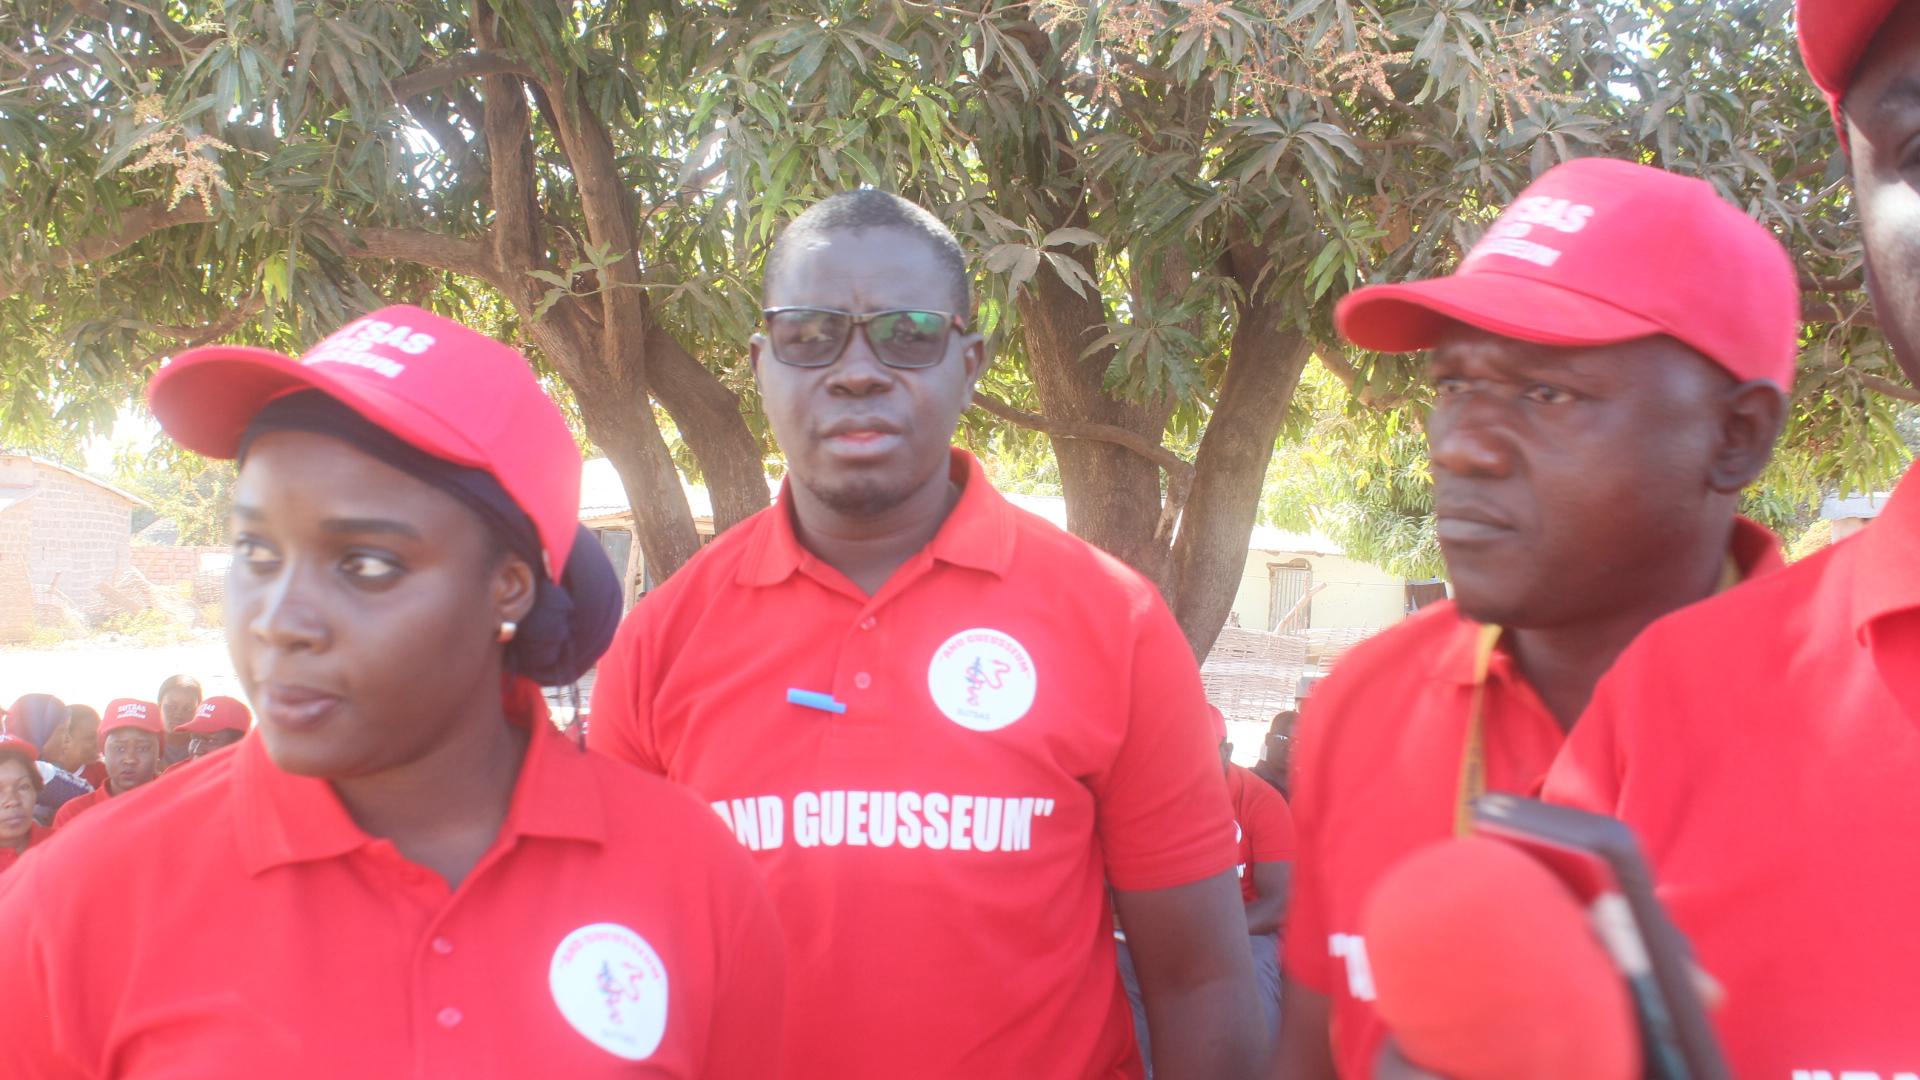 Grève « And gueusseum » à Kolda / Ousseynou Keïta, SG : « Nous déplorons l'attitude du médecin chef du district de Médina Yoro Foula, qui veut intimider nos camarades… »